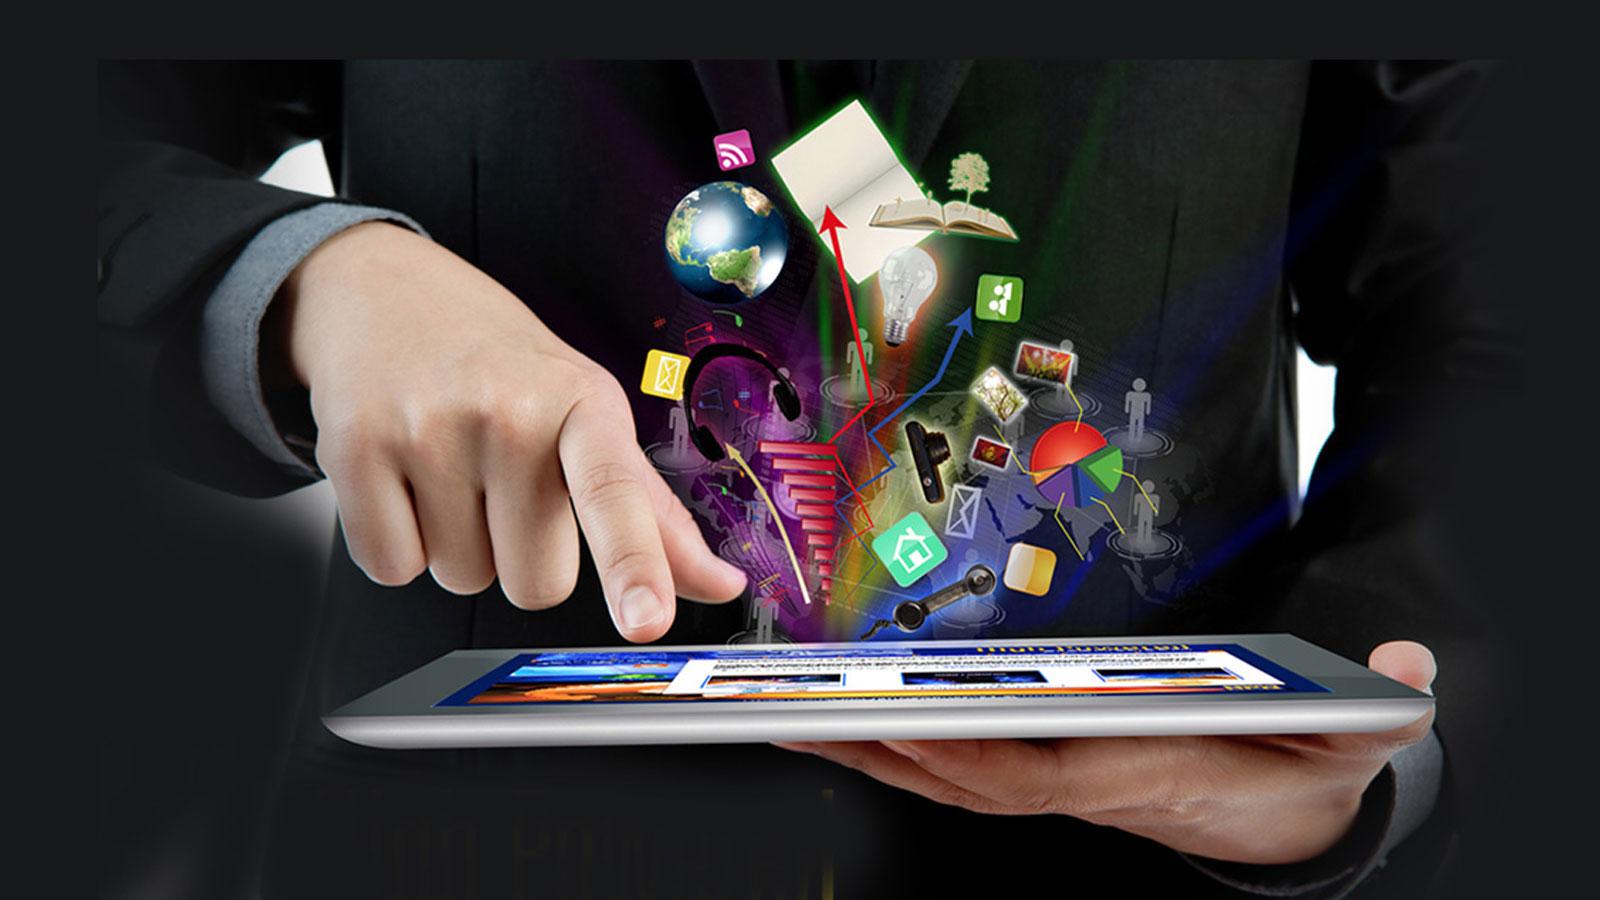 طراح اپلیکیشن موبایل در اصفهان